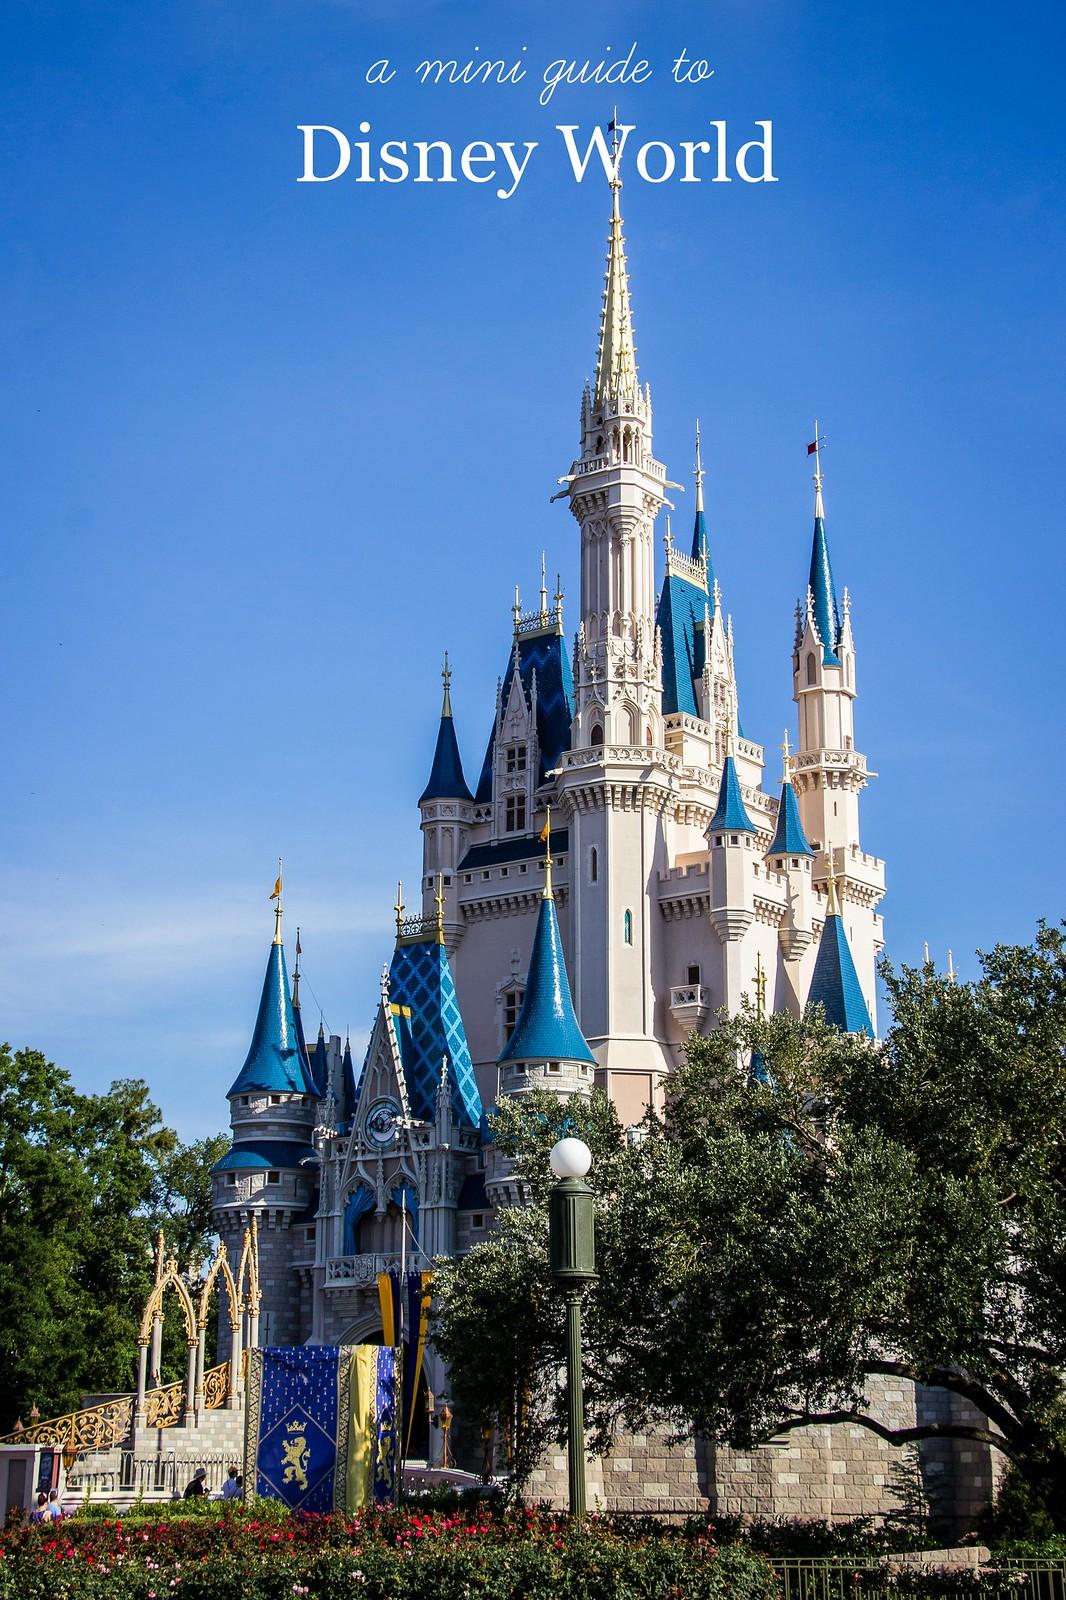 Mini Guide to Disney